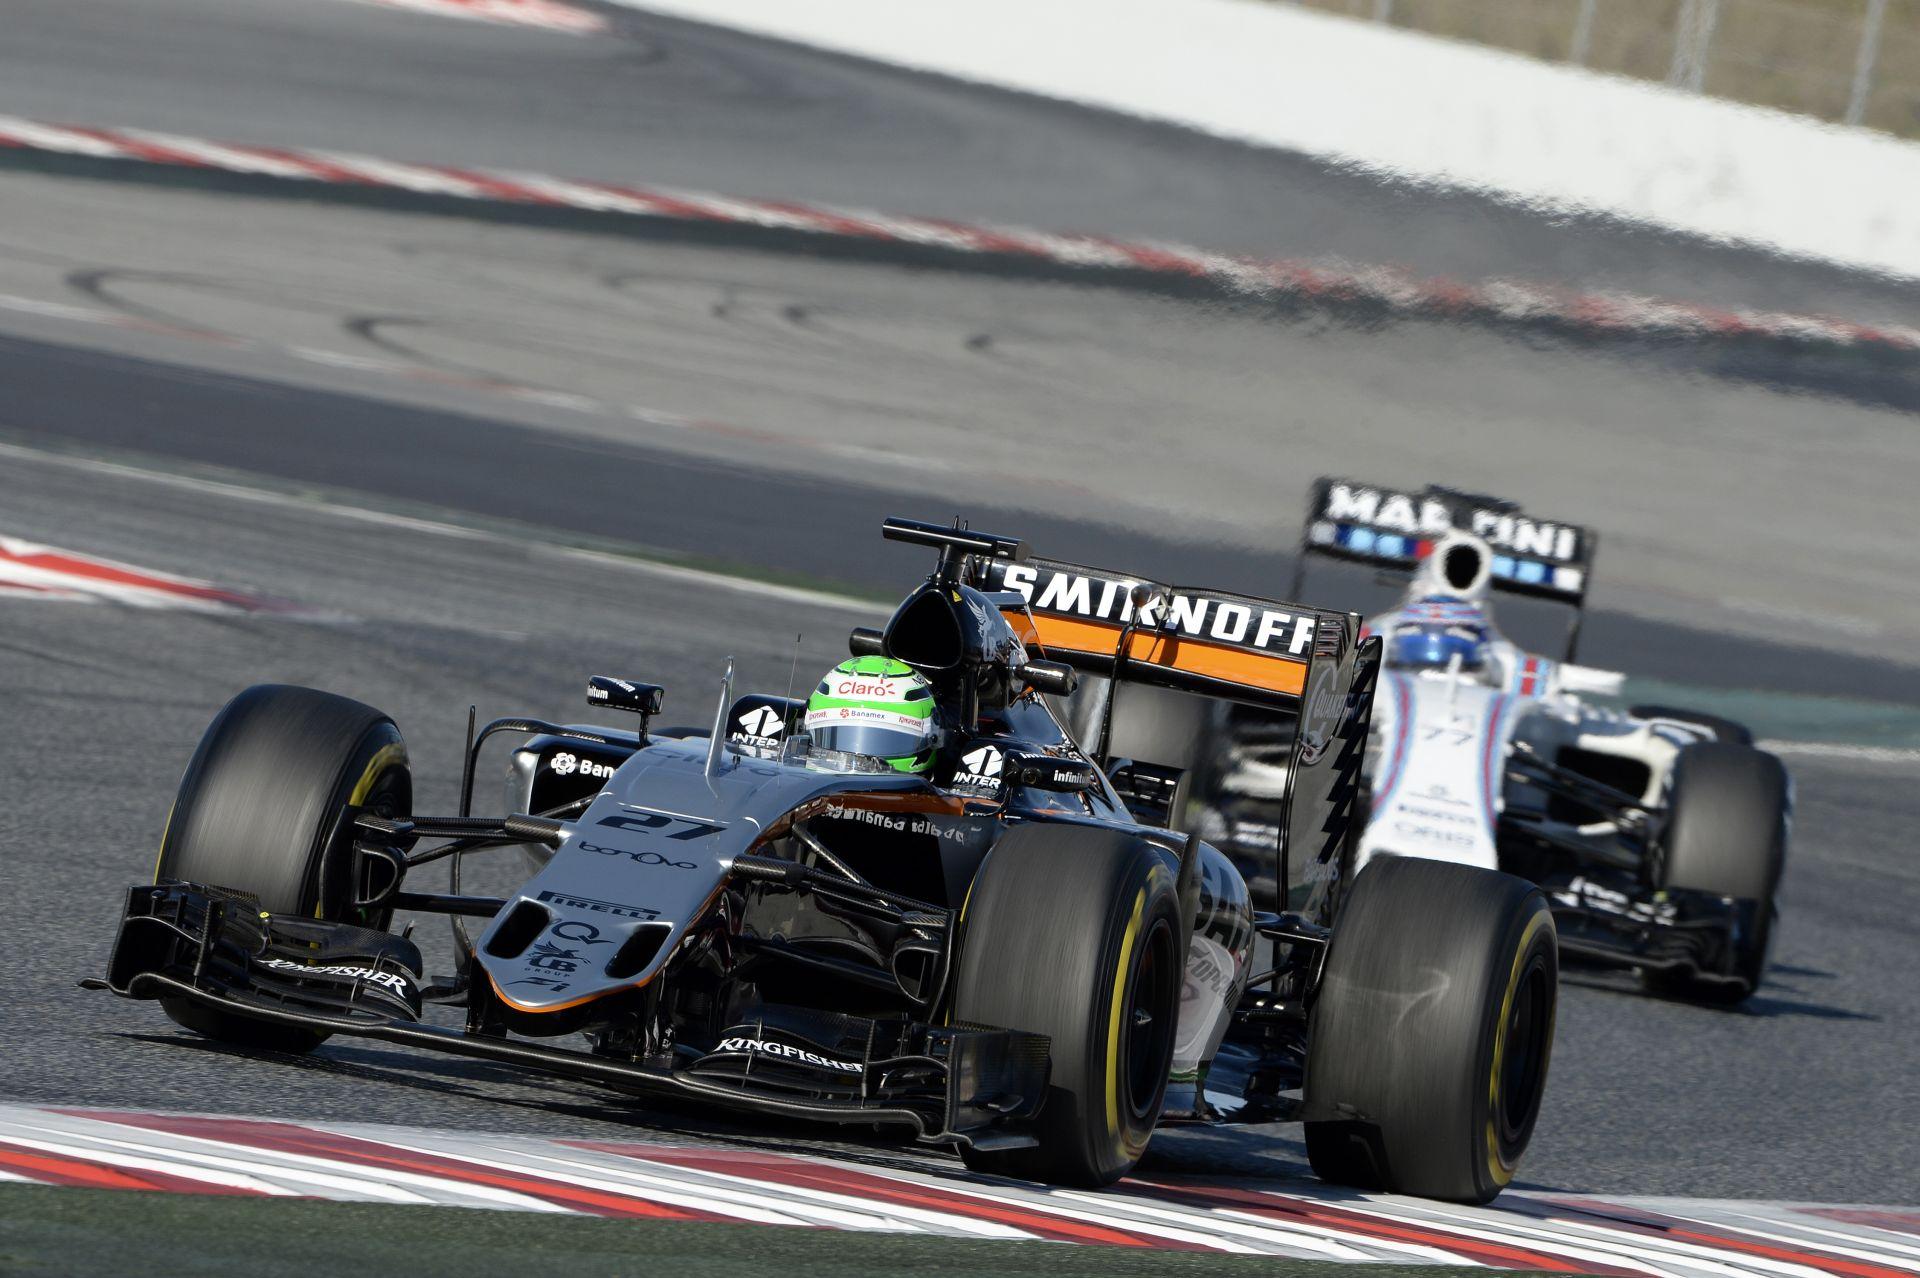 """Hülkenberg: """"Jó a Force India, de nem reális ez a harmadik hely"""""""